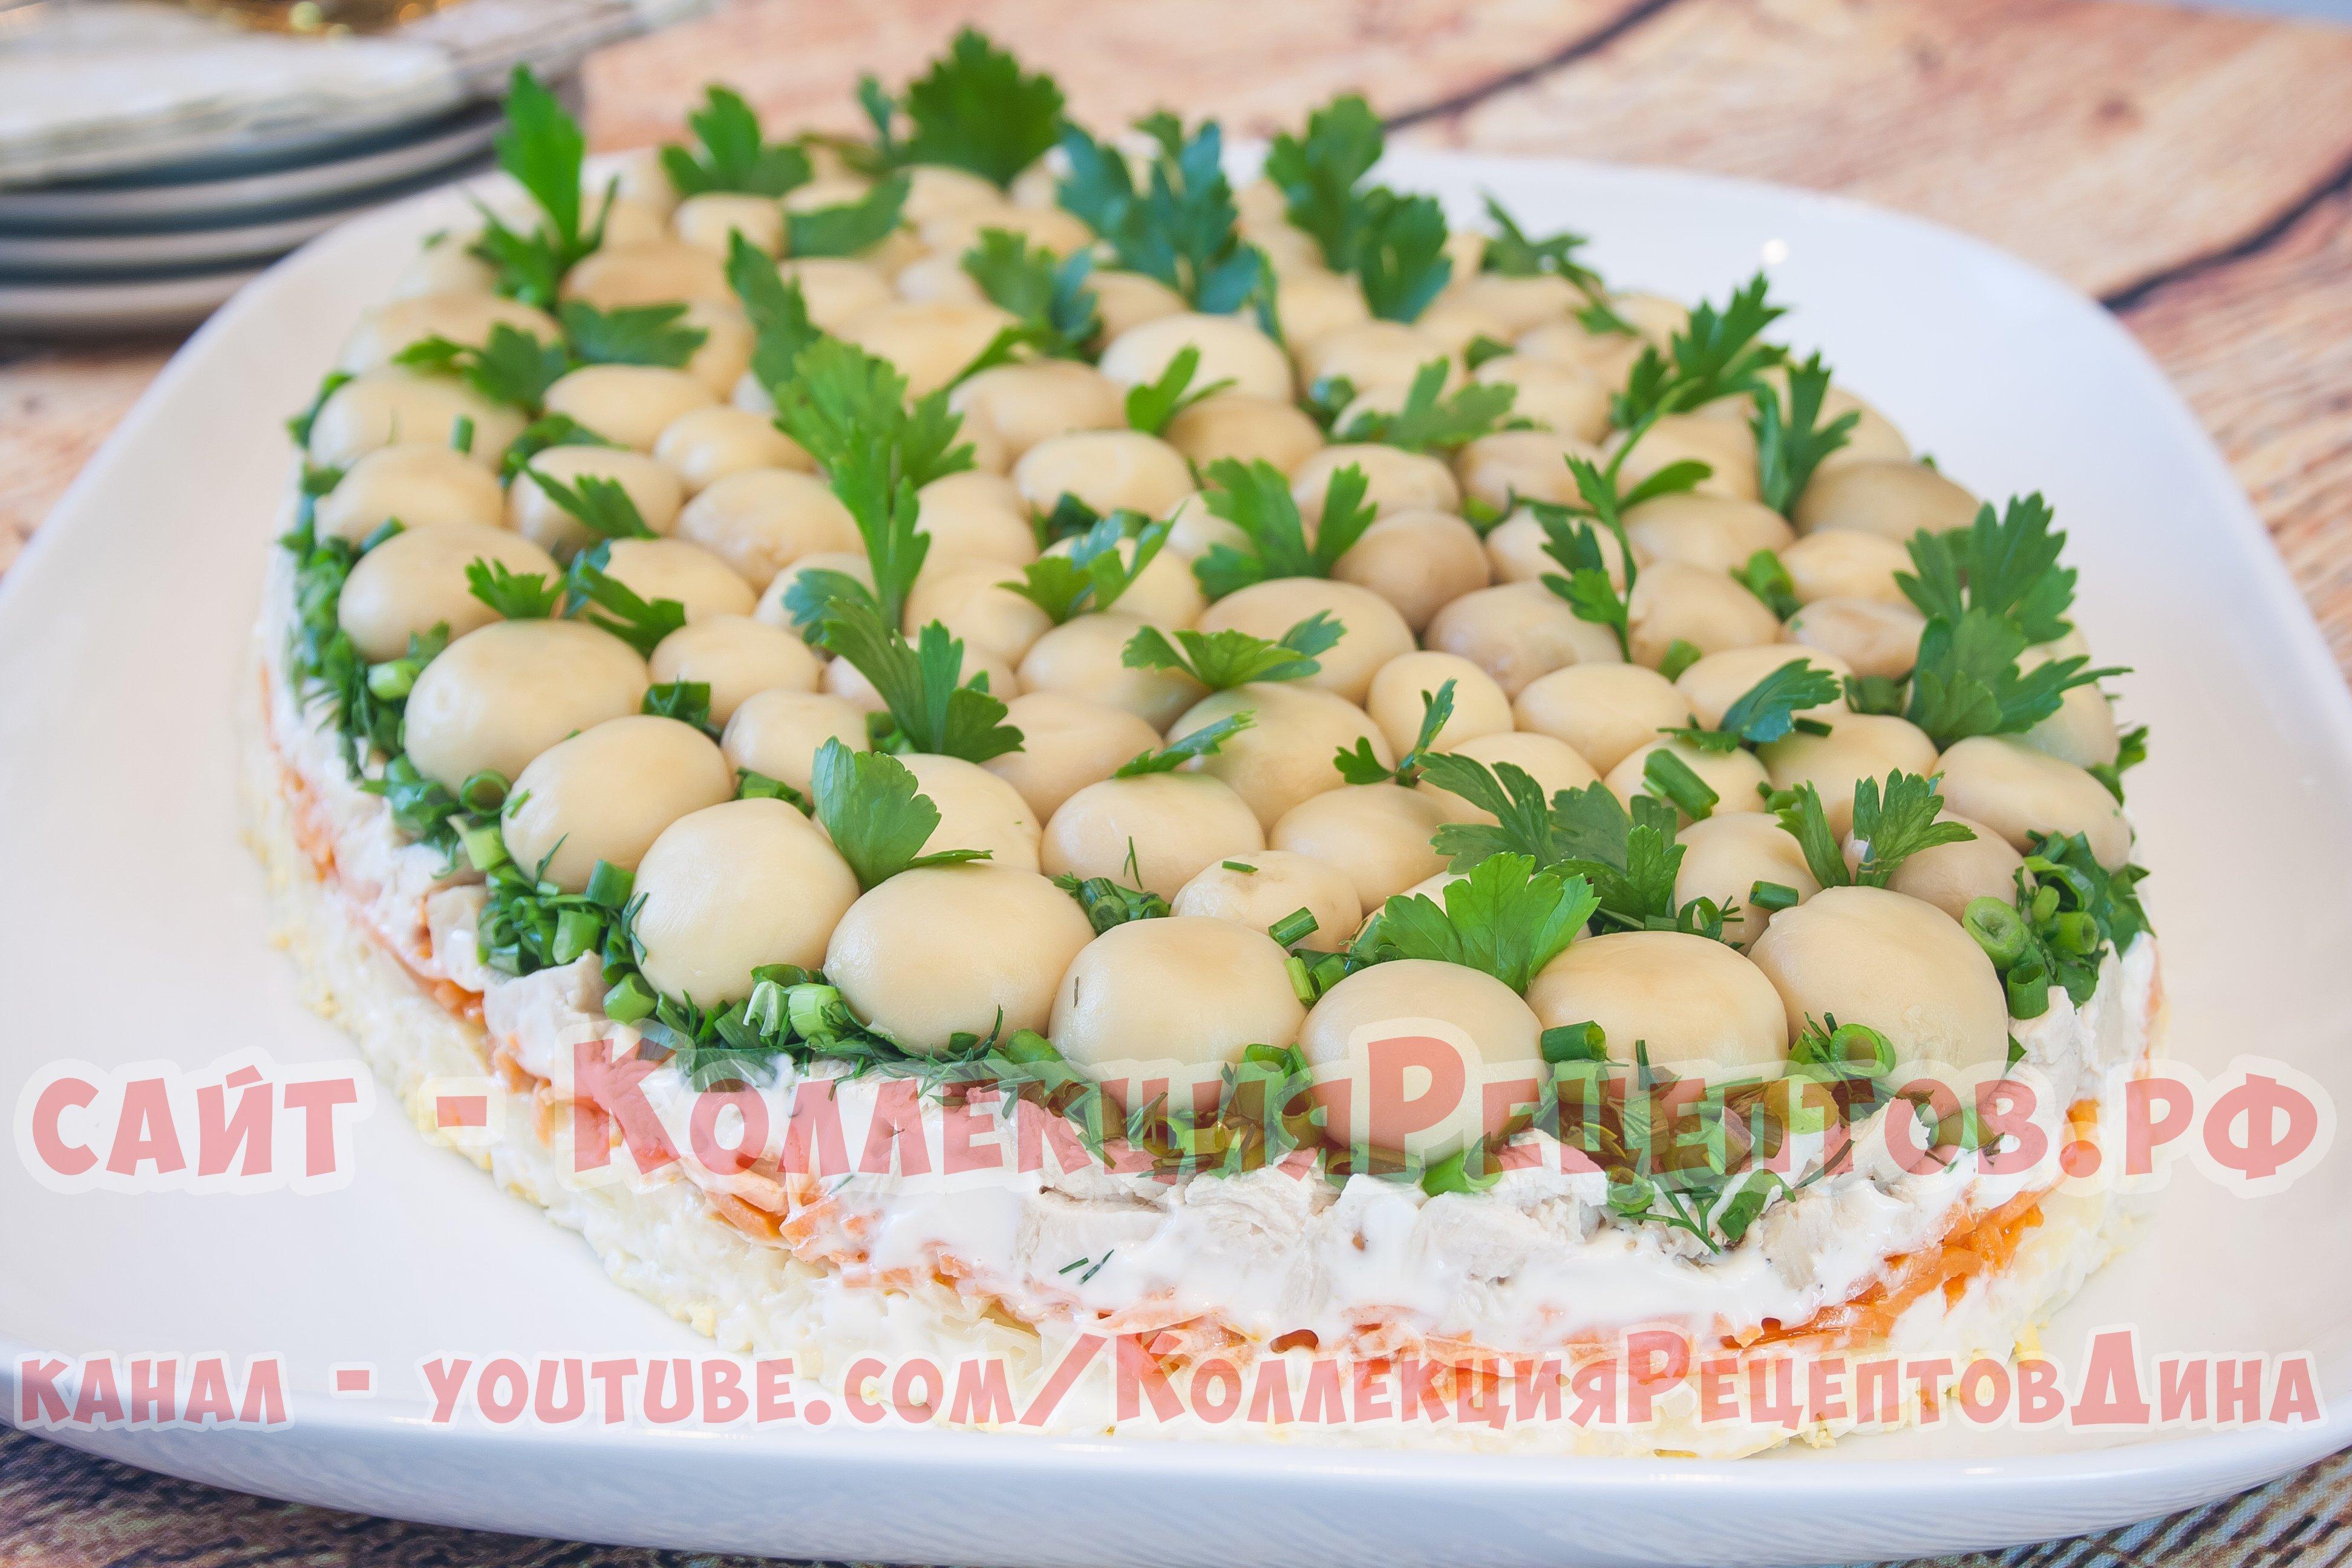 Салат грибная полянка рецепт с пошаговым